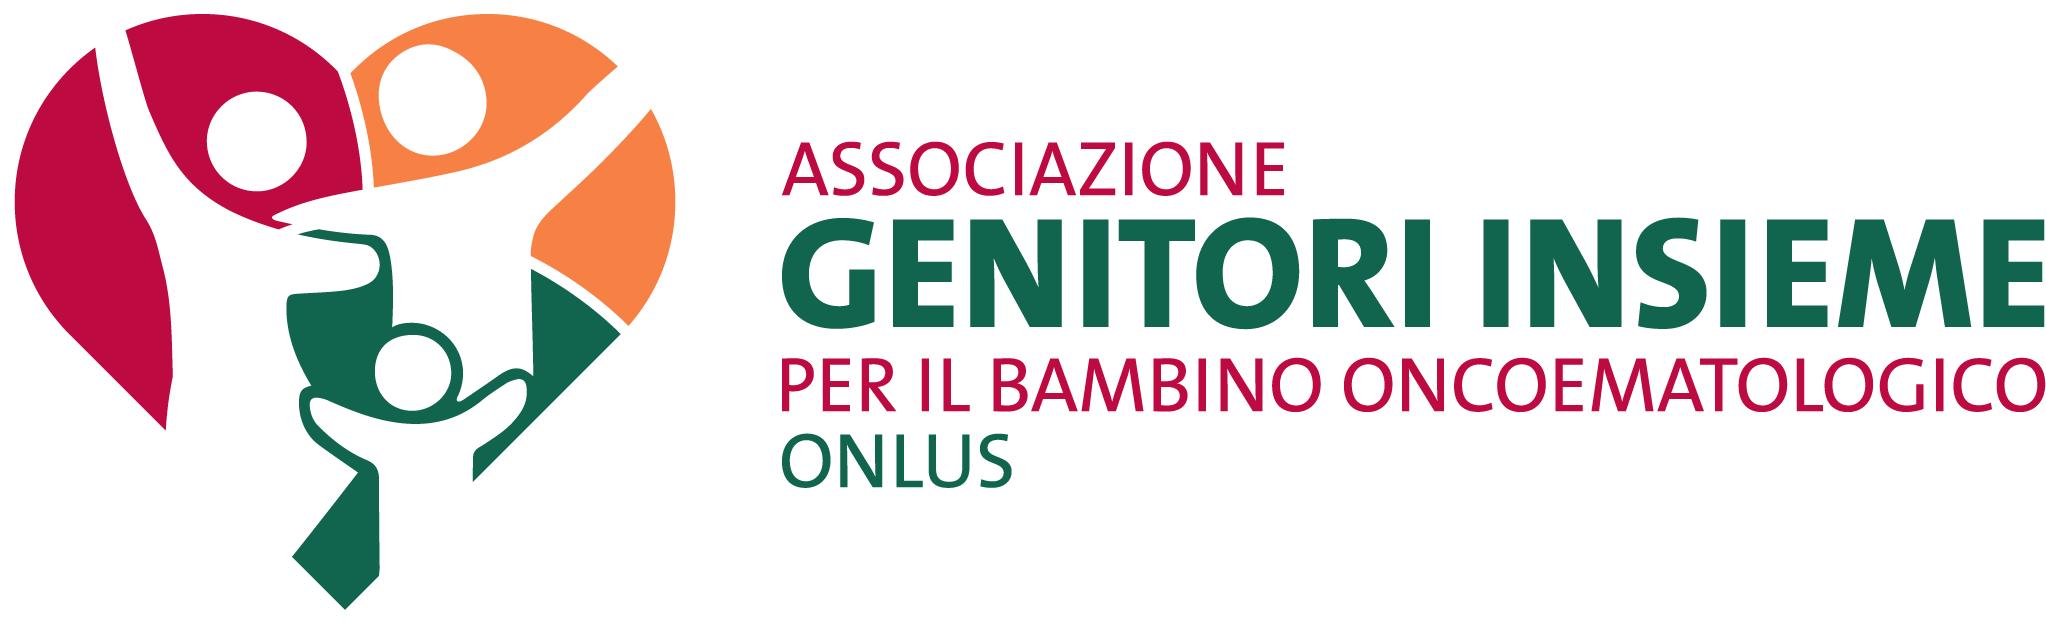 Associazione Genitori Insieme Onlus